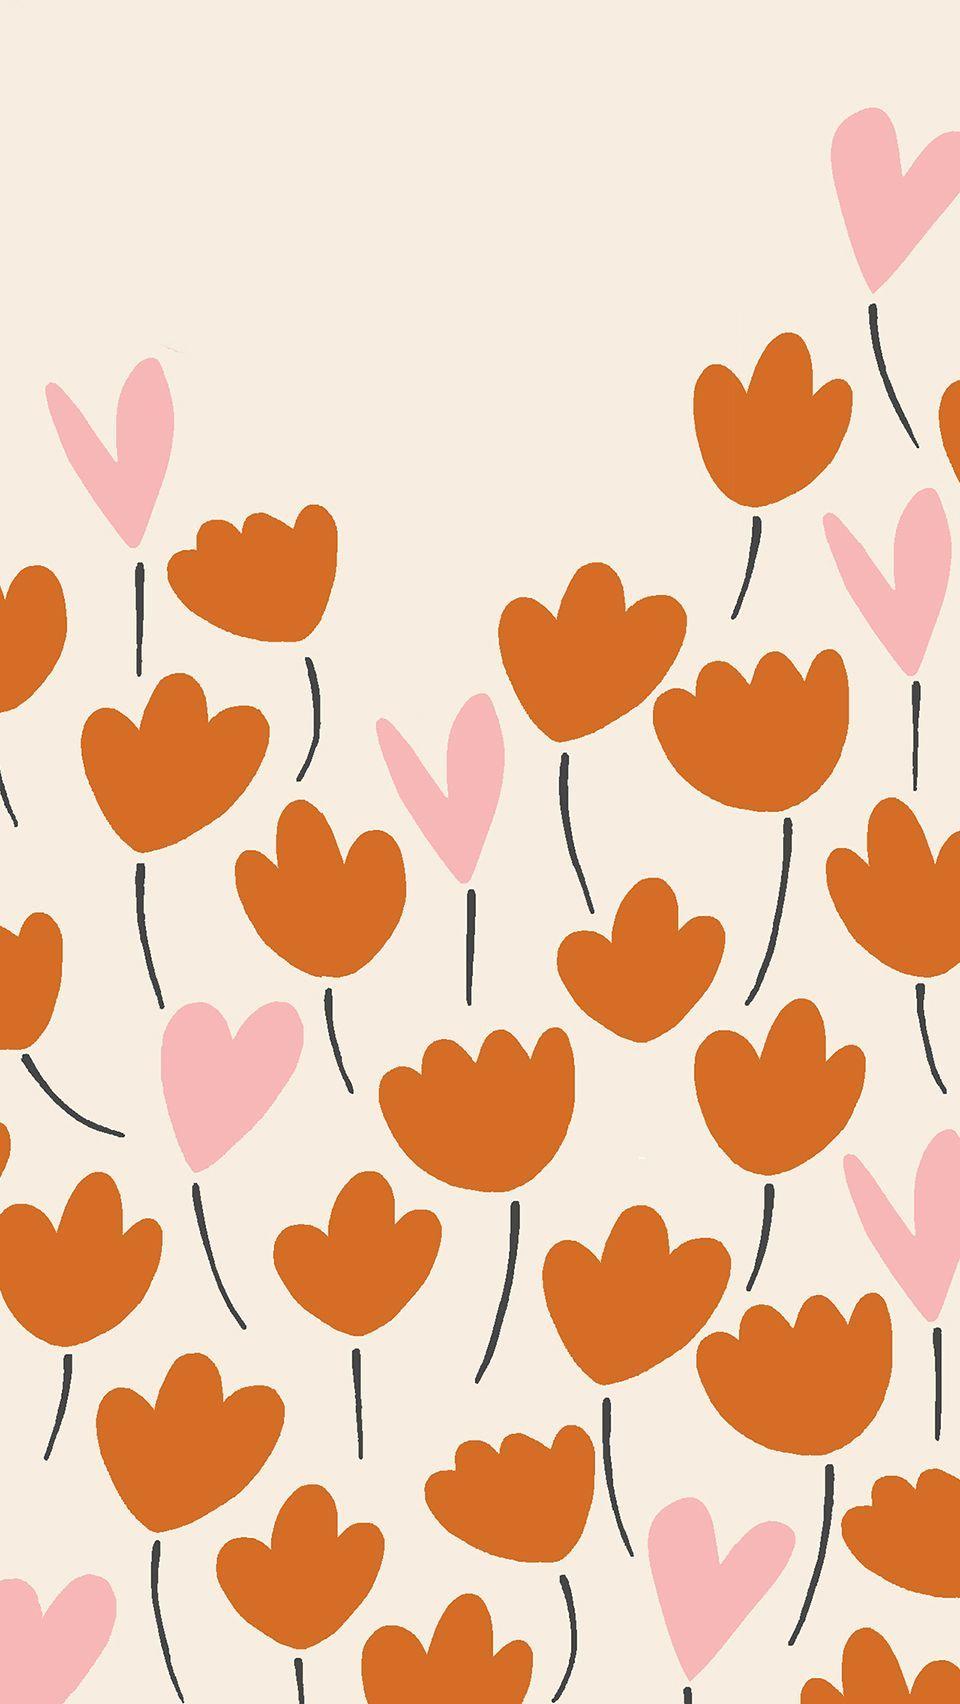 Free Digital Mobile Wallpapers| Free Download | Caroline Gardner